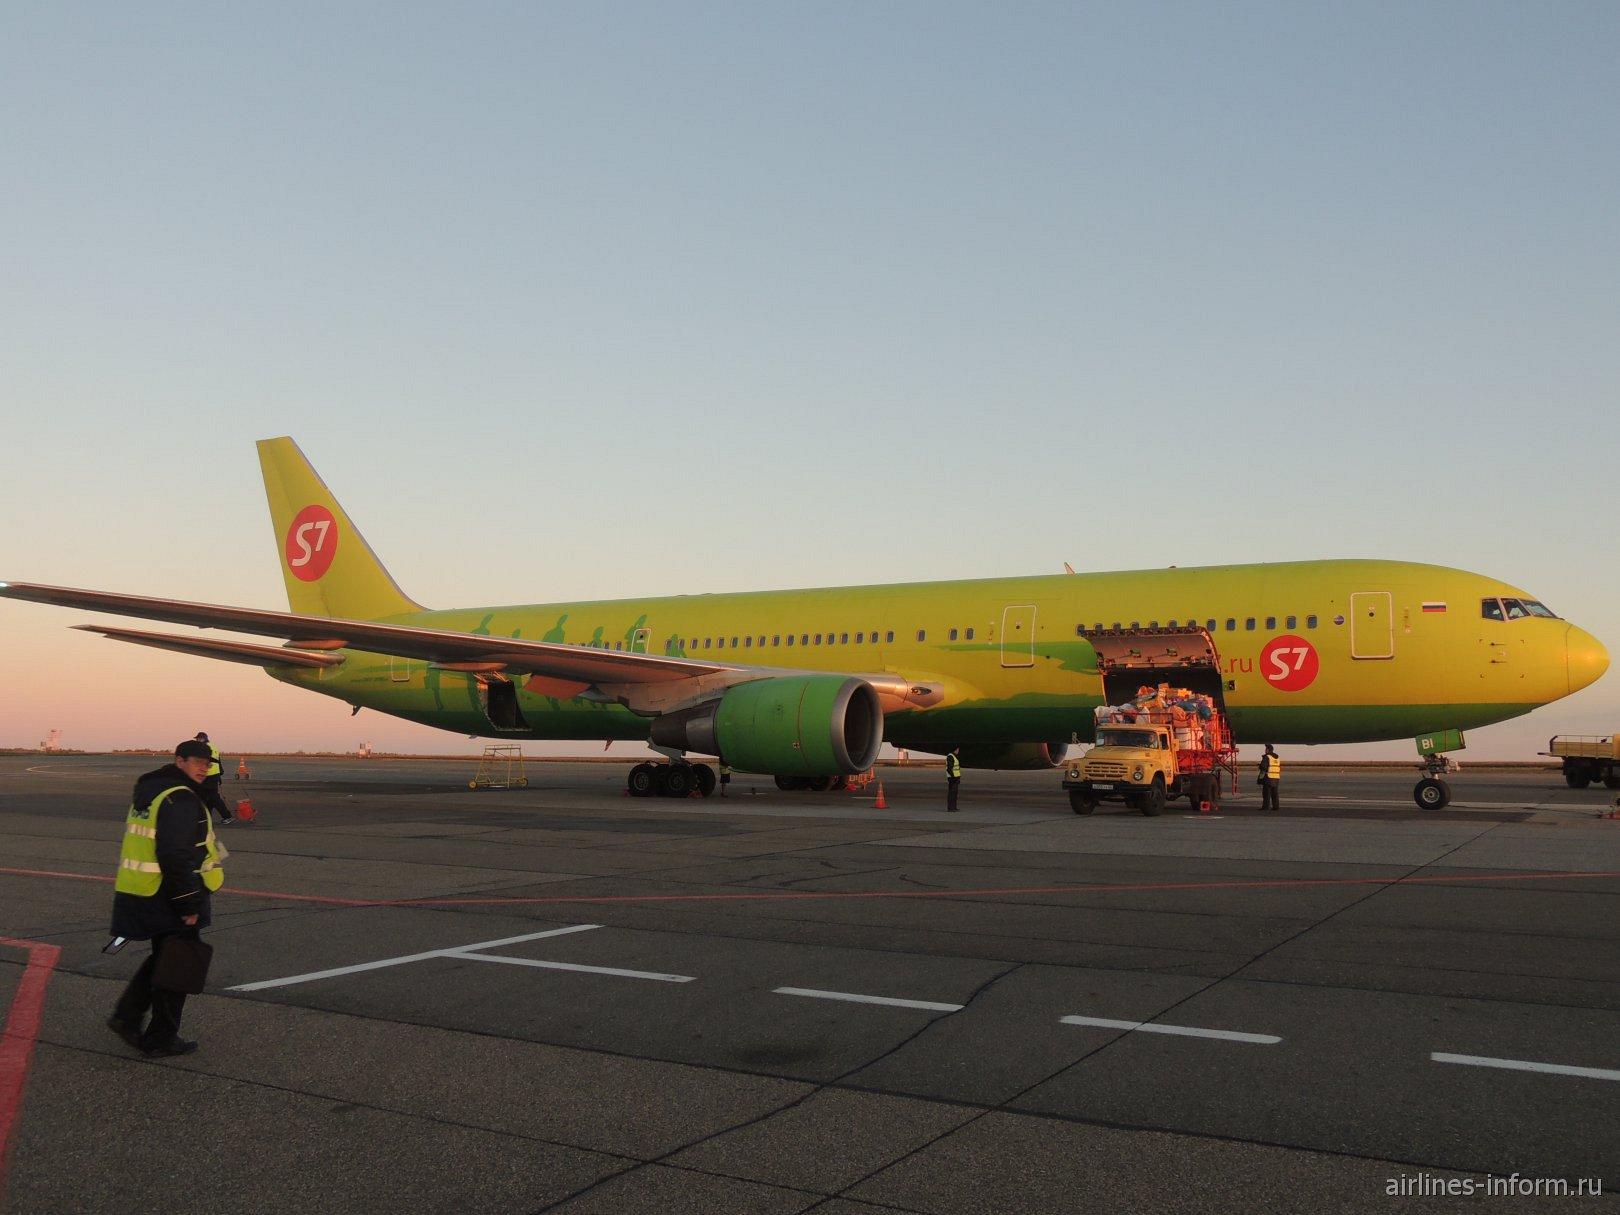 Боинг-767-300 авиакомпании S7 Airlines в аэропорту Барнаула